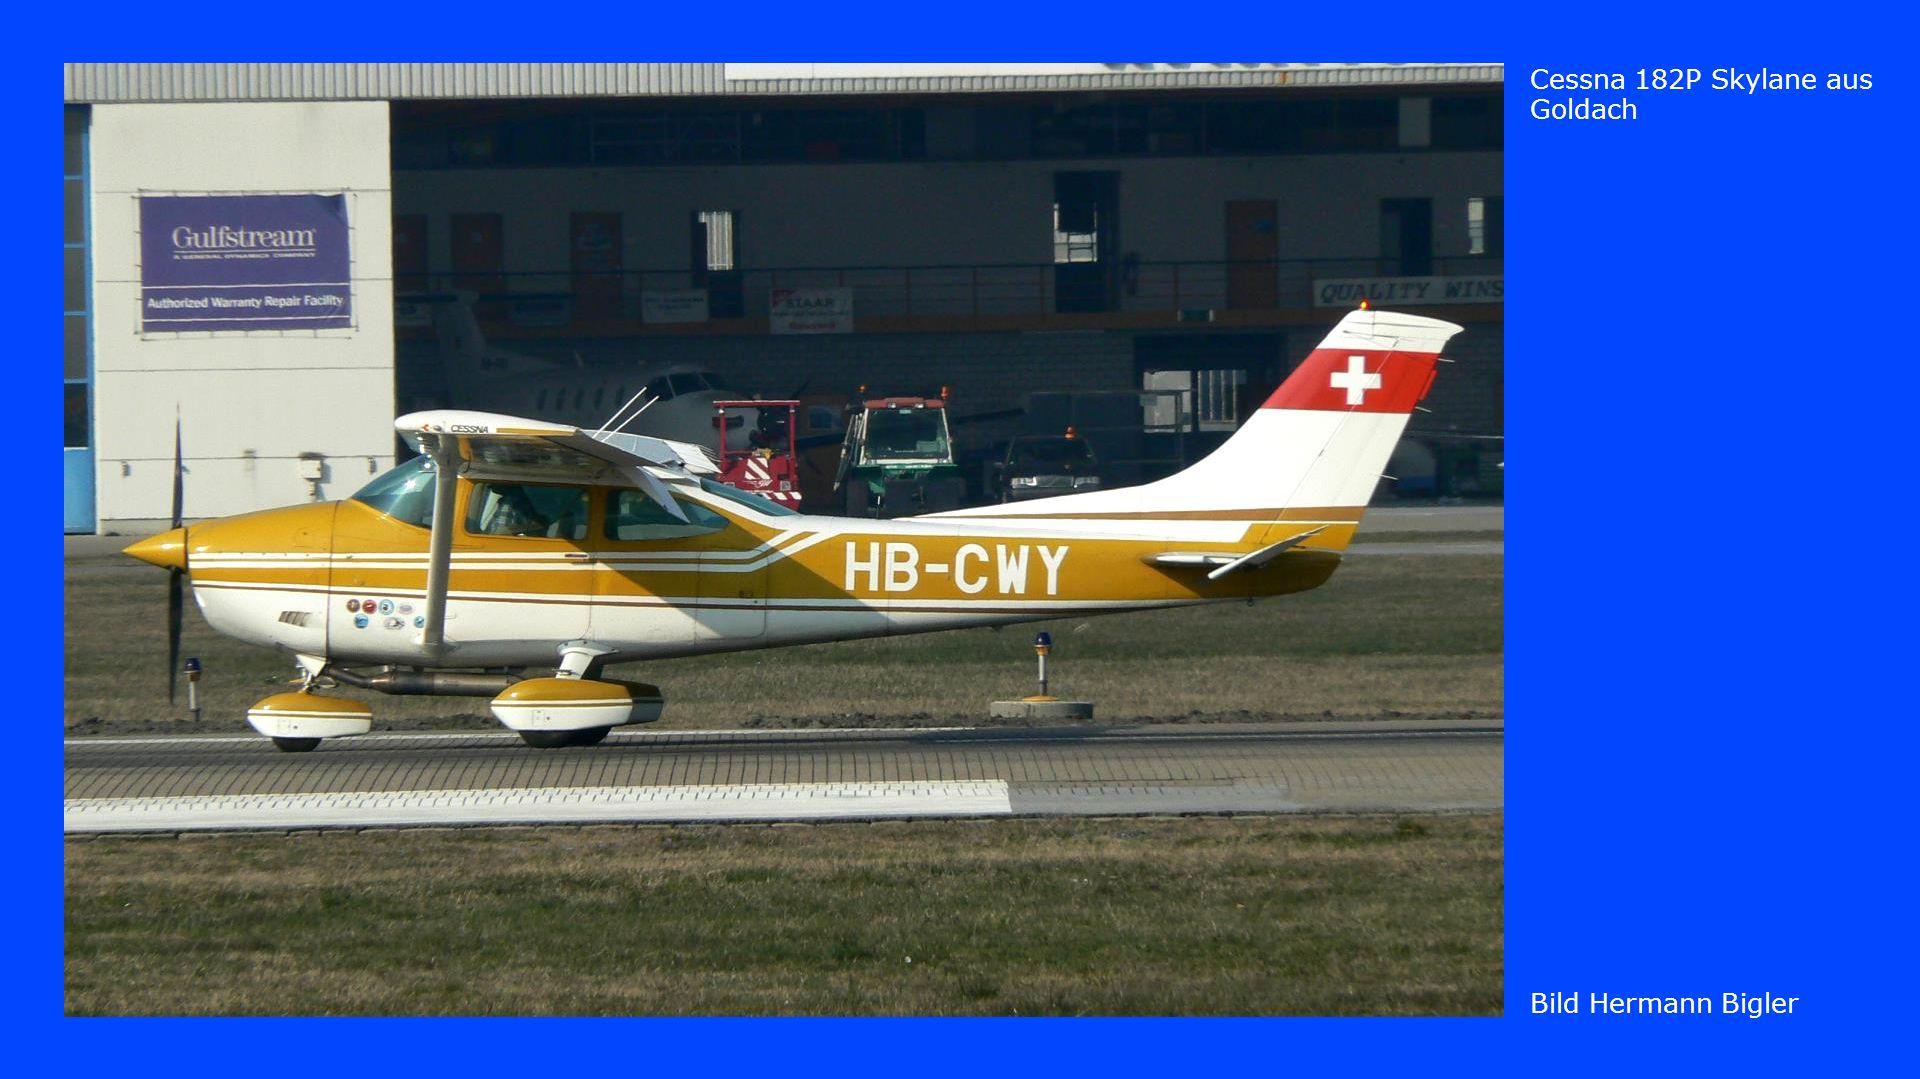 Cessna 182P Skylane aus Goldach